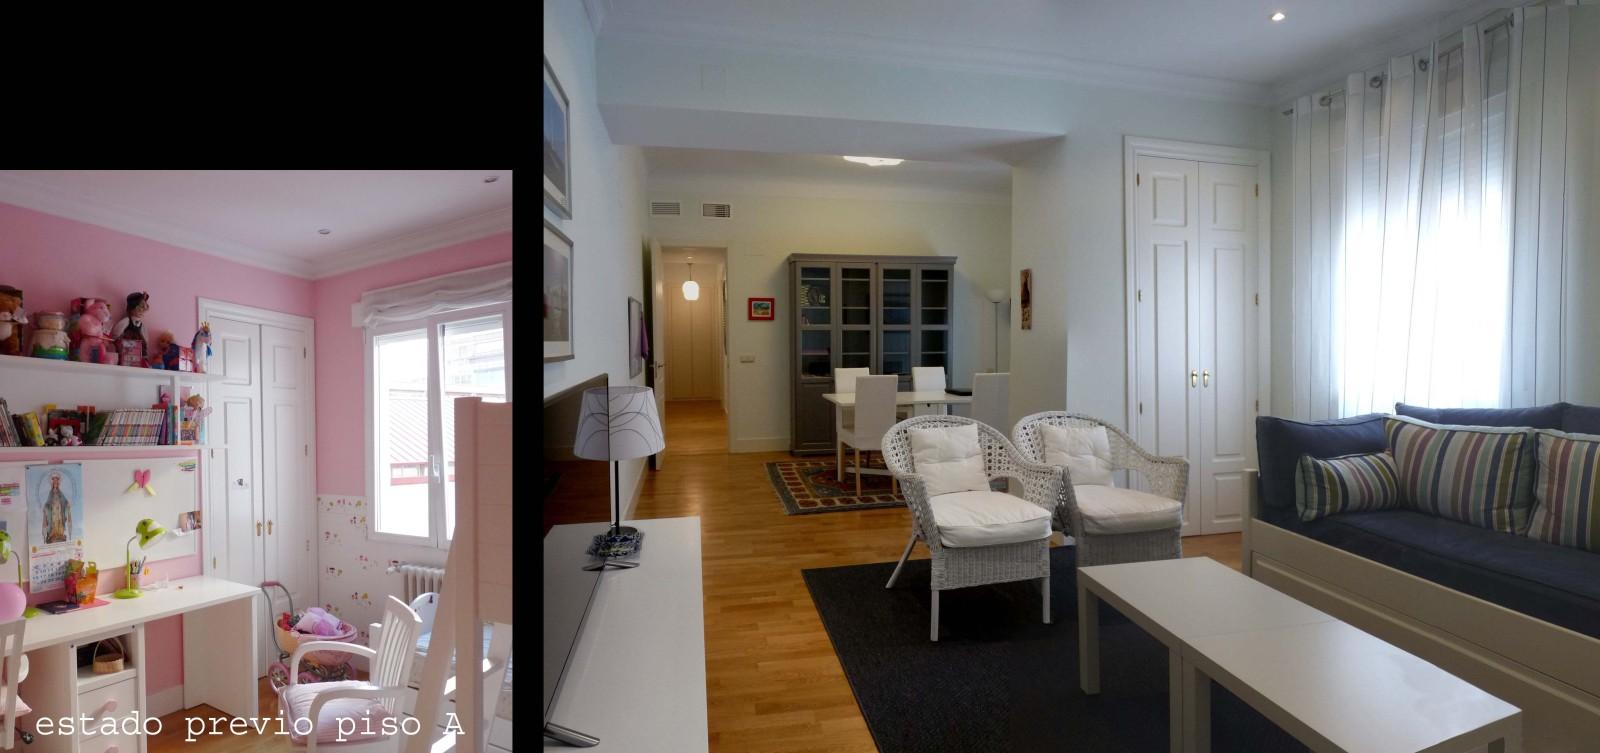 También funciona como cuarto de invitados, por eso se conservó el armario y se tansformó una cama nido en sofá.